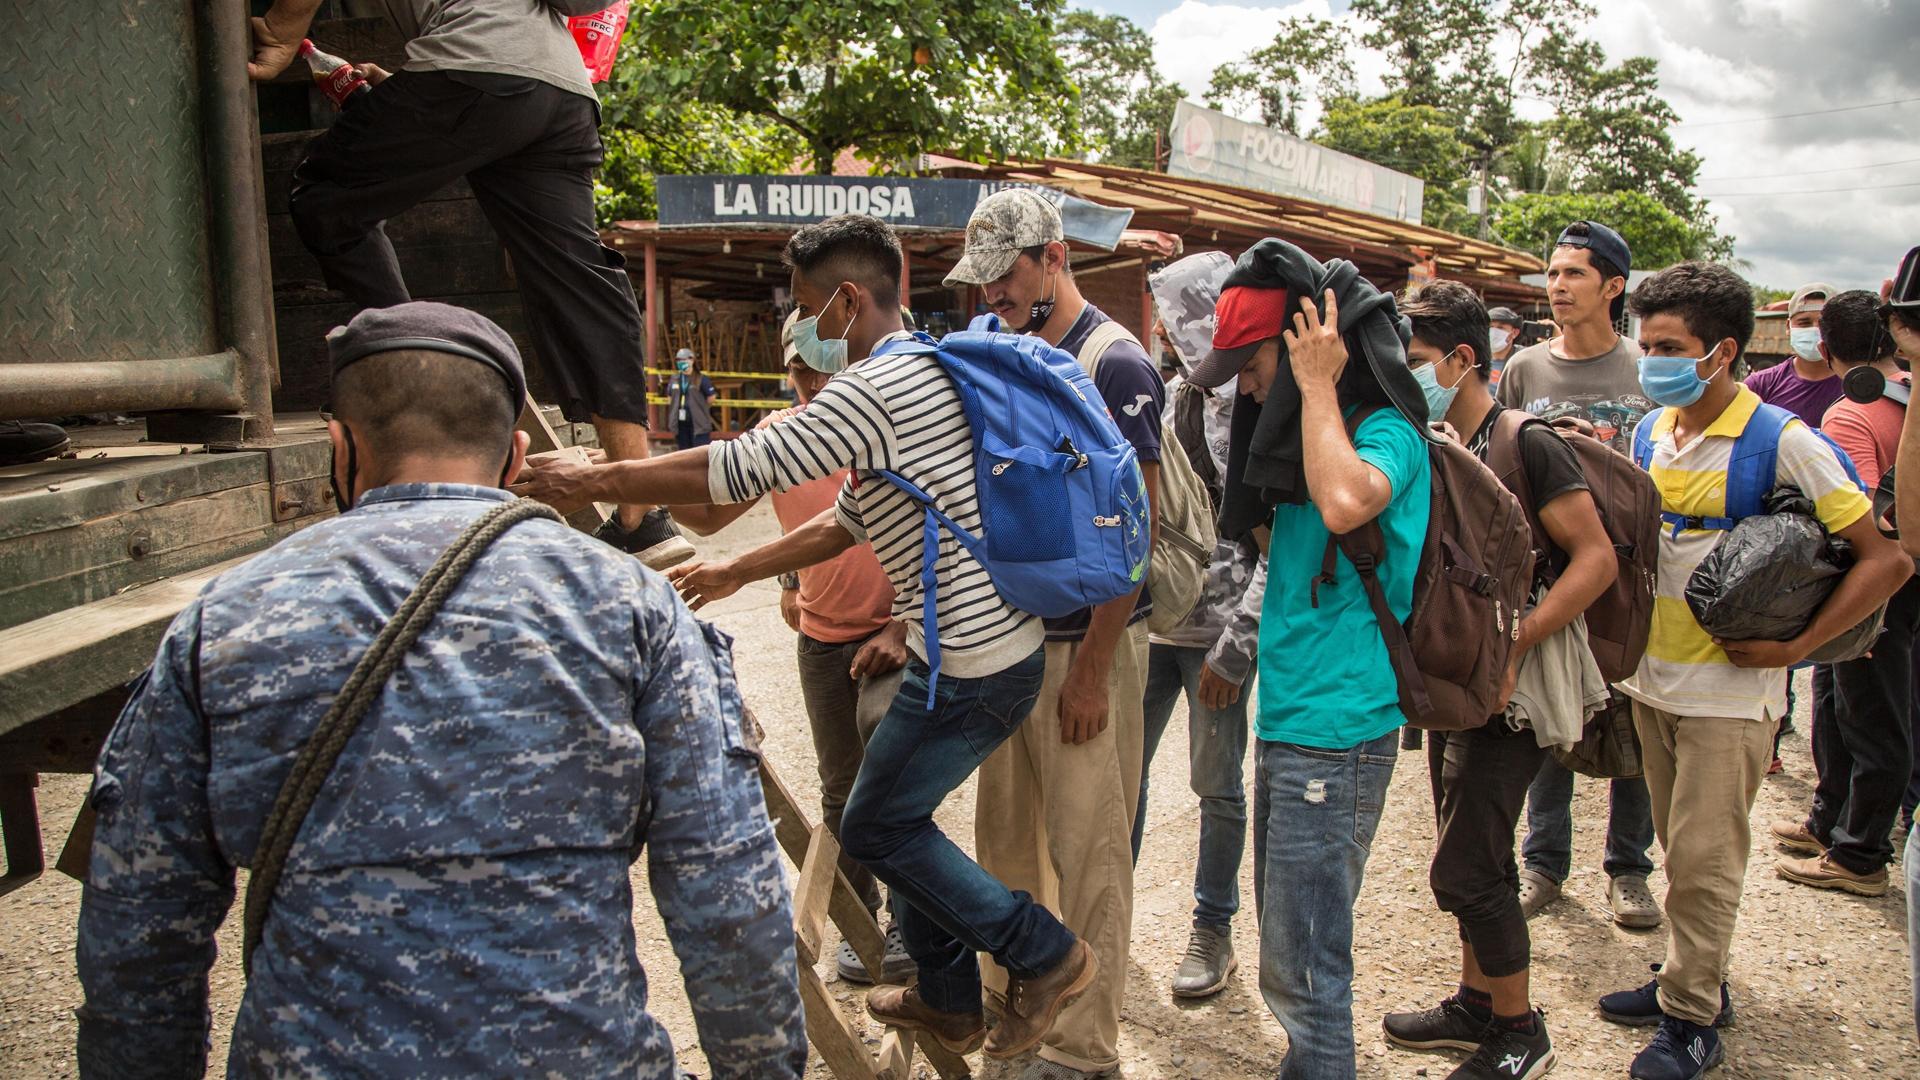 Migrantes hondureños llegan a frontera mexicana para intentar llegar a Estados Unidos